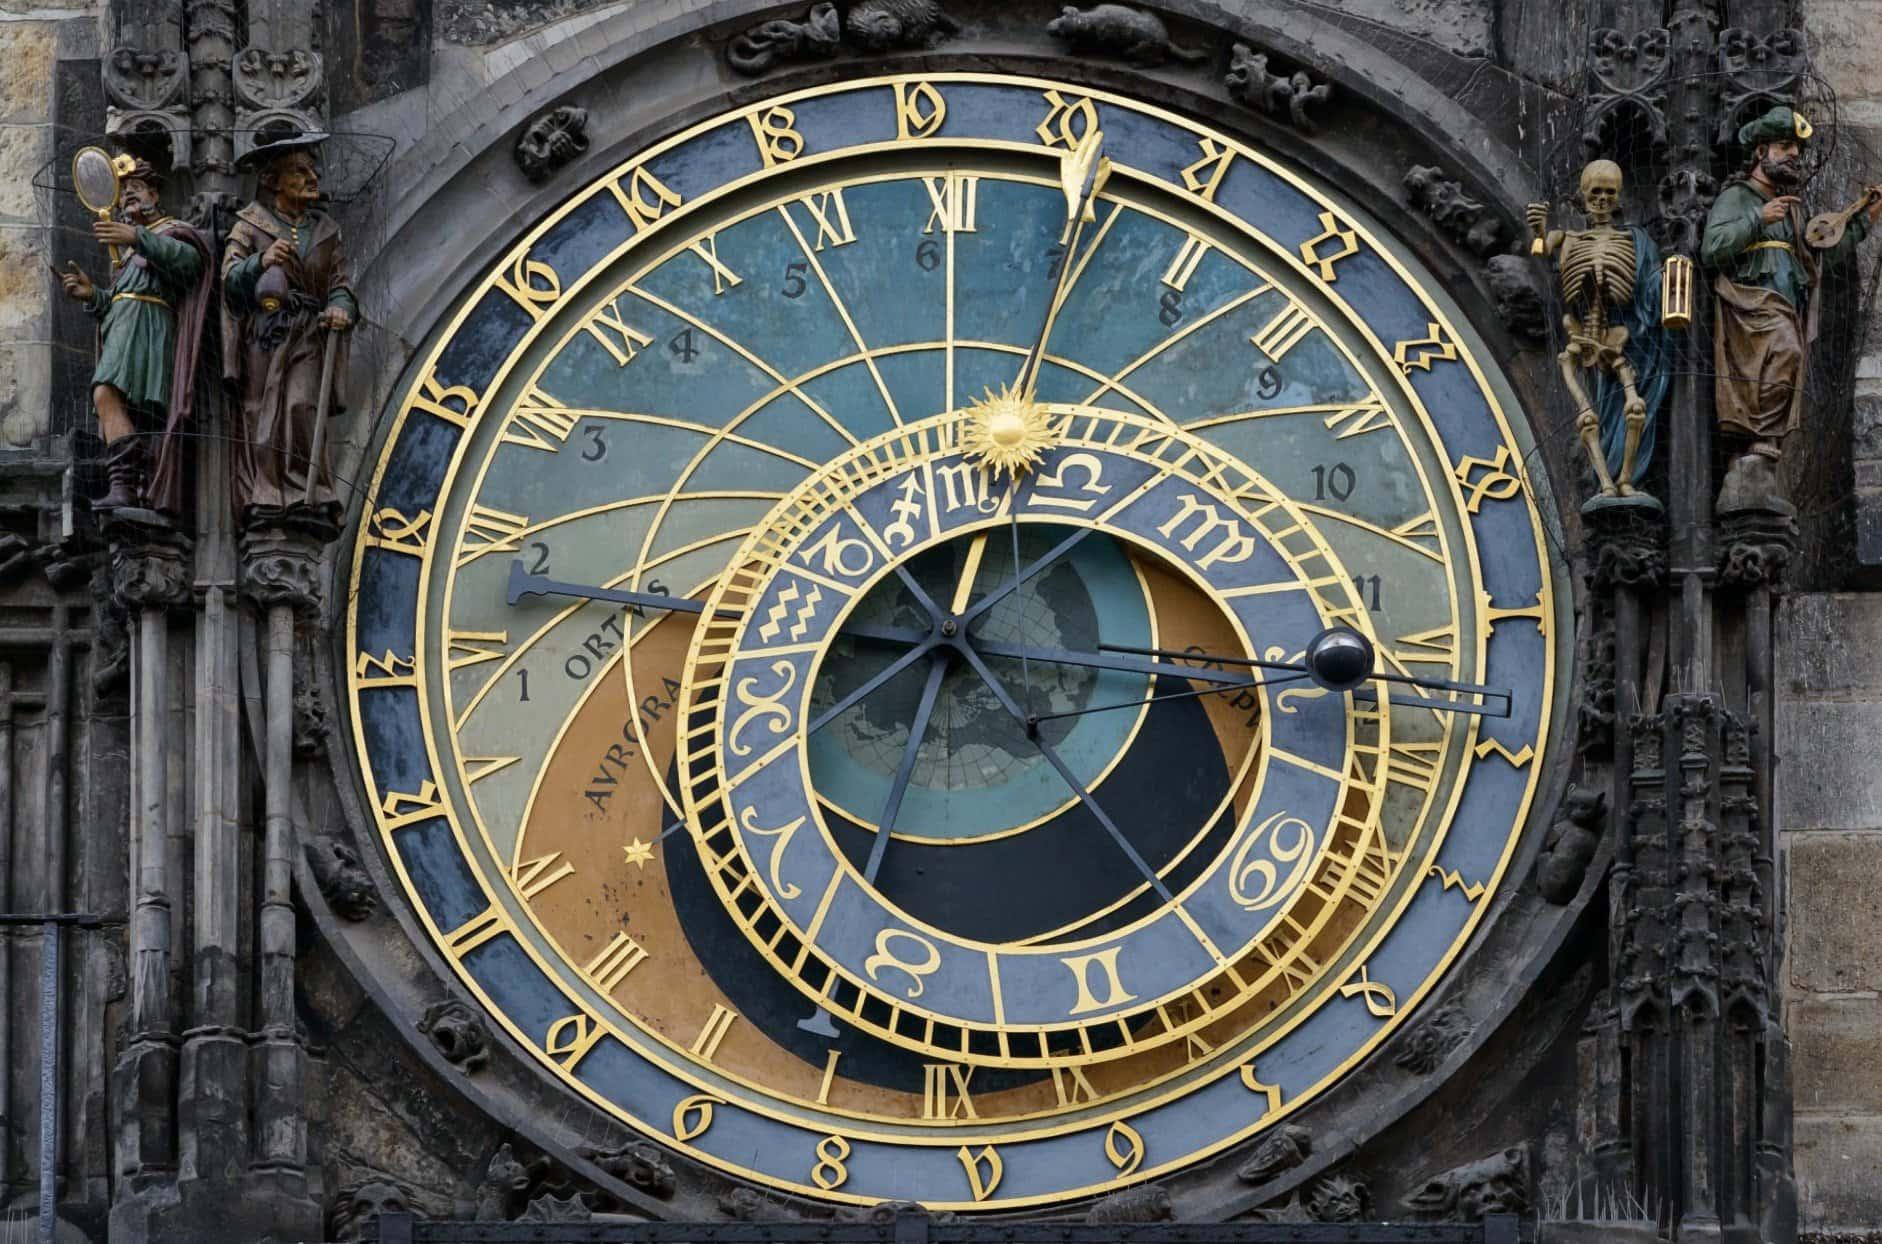 Sehenswürdigkeiten in Prag: astronomische Uhr am Altstädter Ring